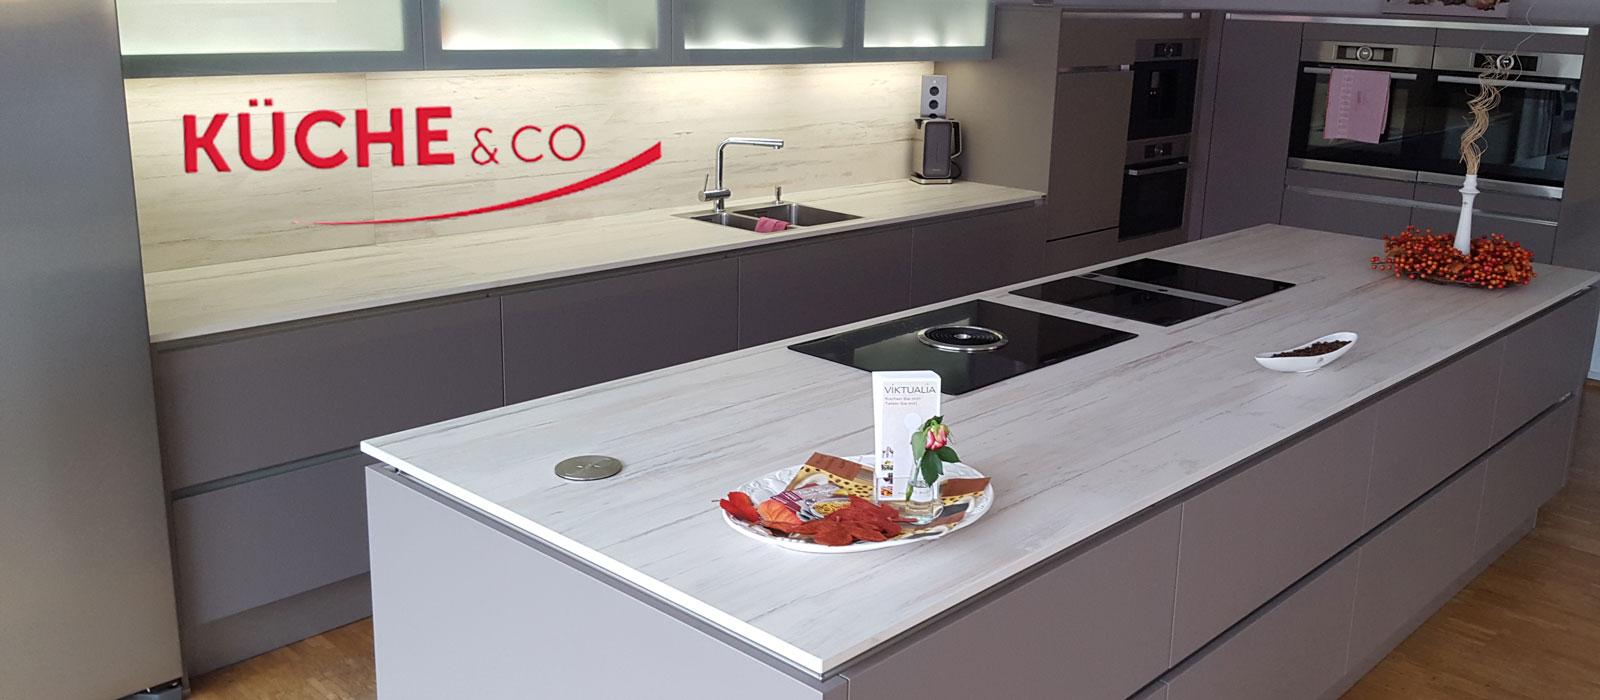 küchenstudio wiesbaden küchenstudio mainz küchenstudio frankfurt